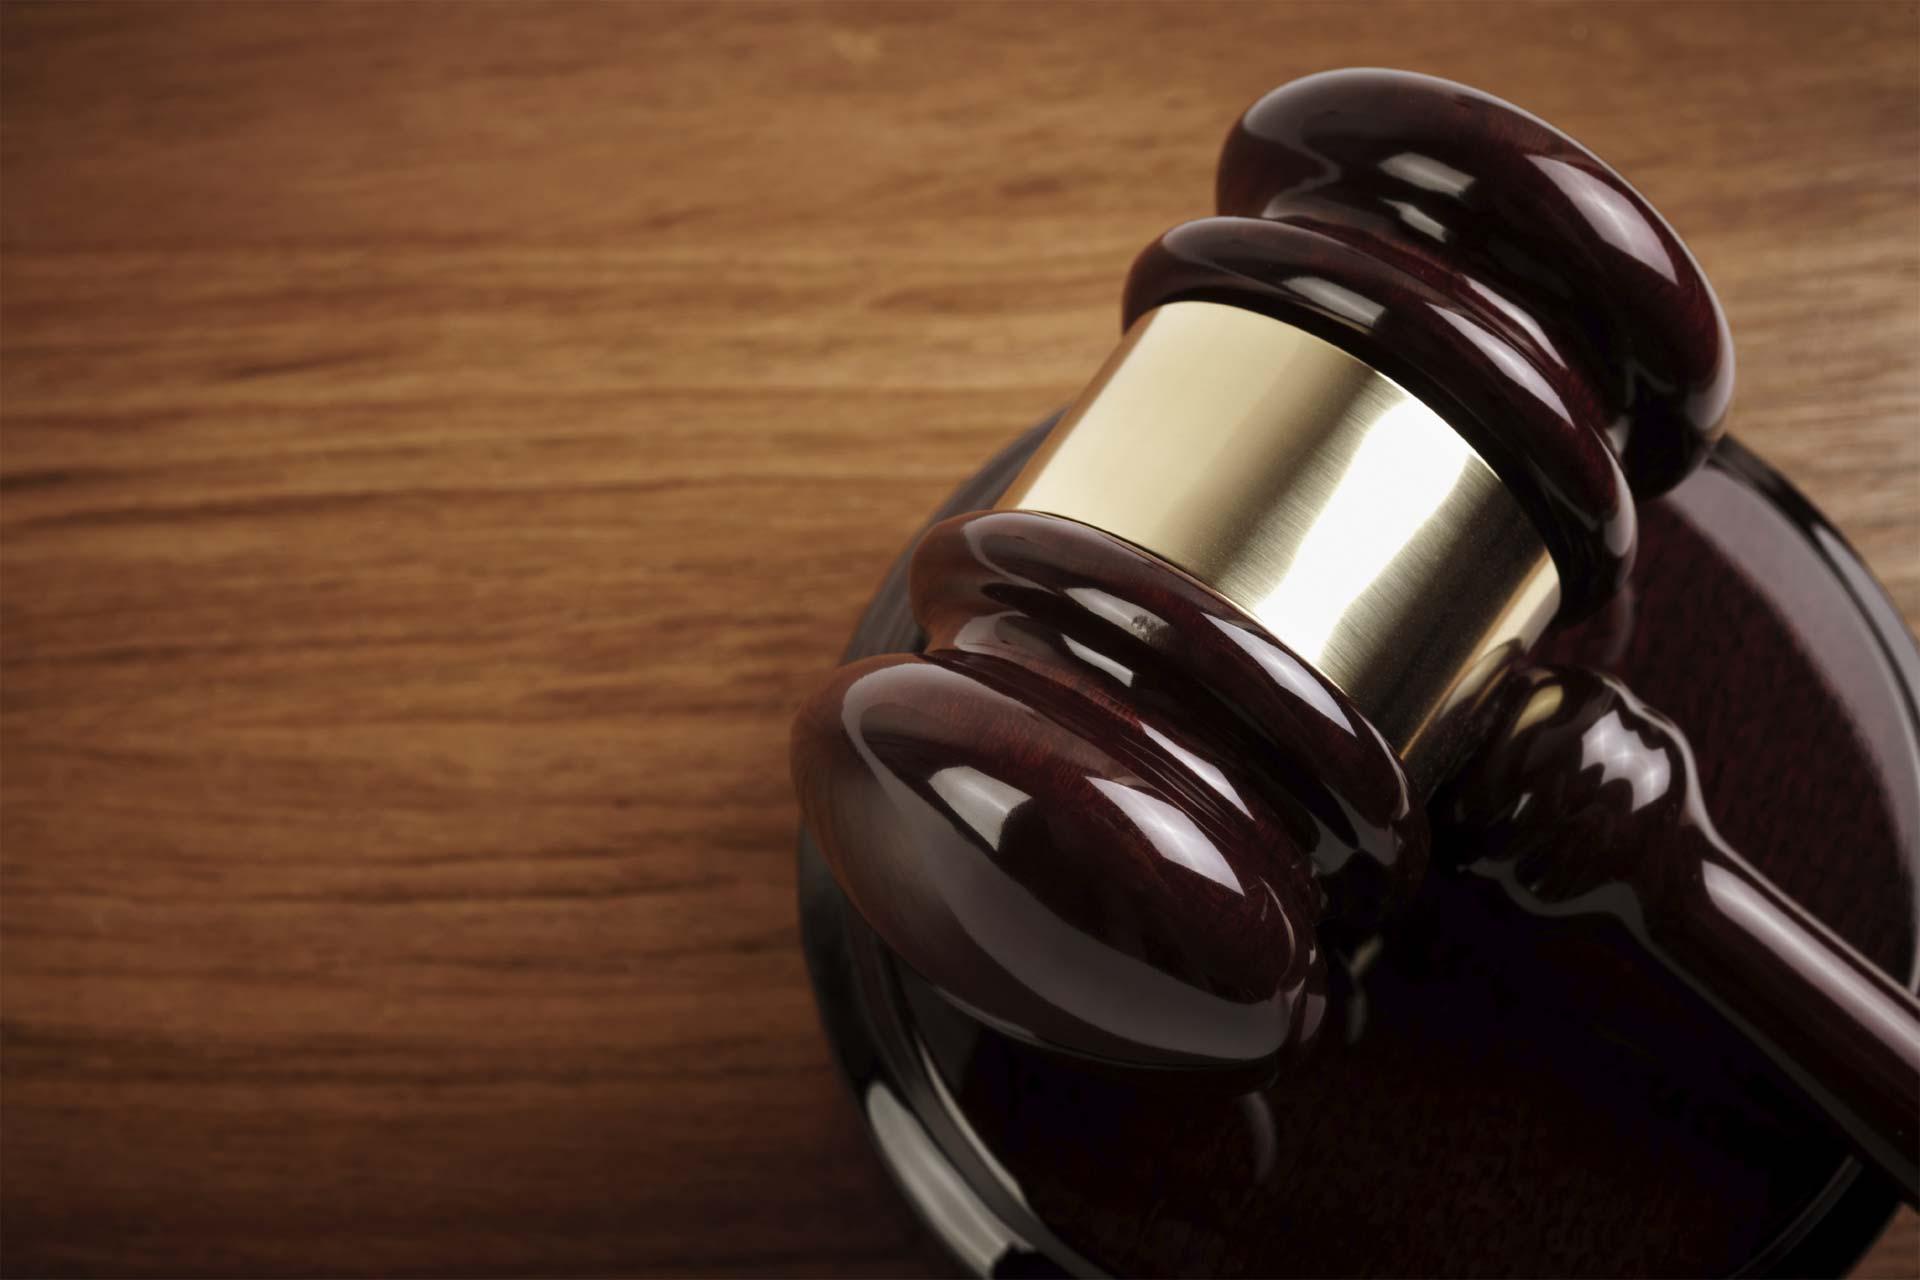 Frente a las pruebas presentadas, fue condenado a prisión un hombre de 61 años que abusó sexualmente de su esposa